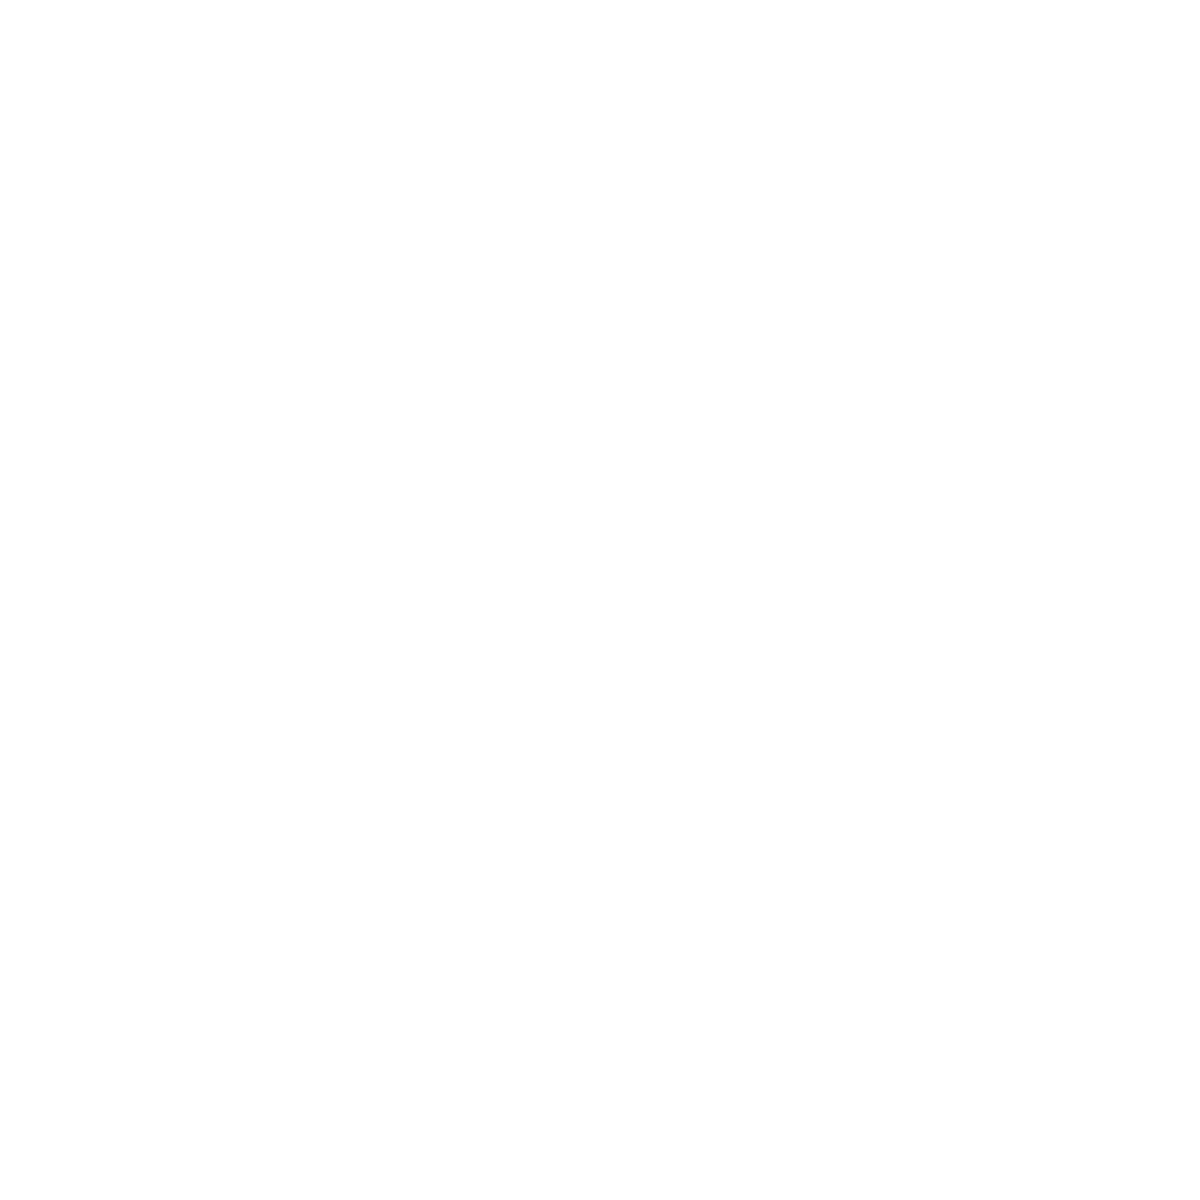 noun_chip_2360592_FFFFFF.png